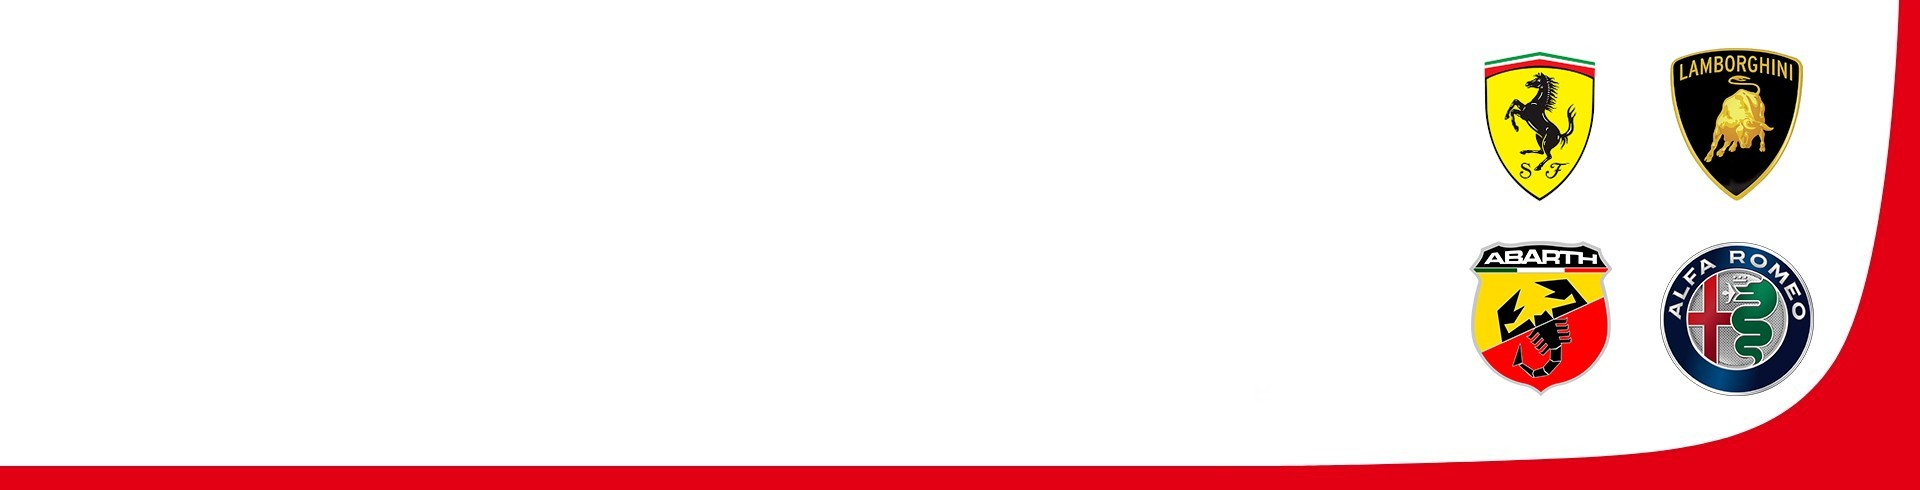 Merchandising Ferrari | Official Store | GoalShop.it